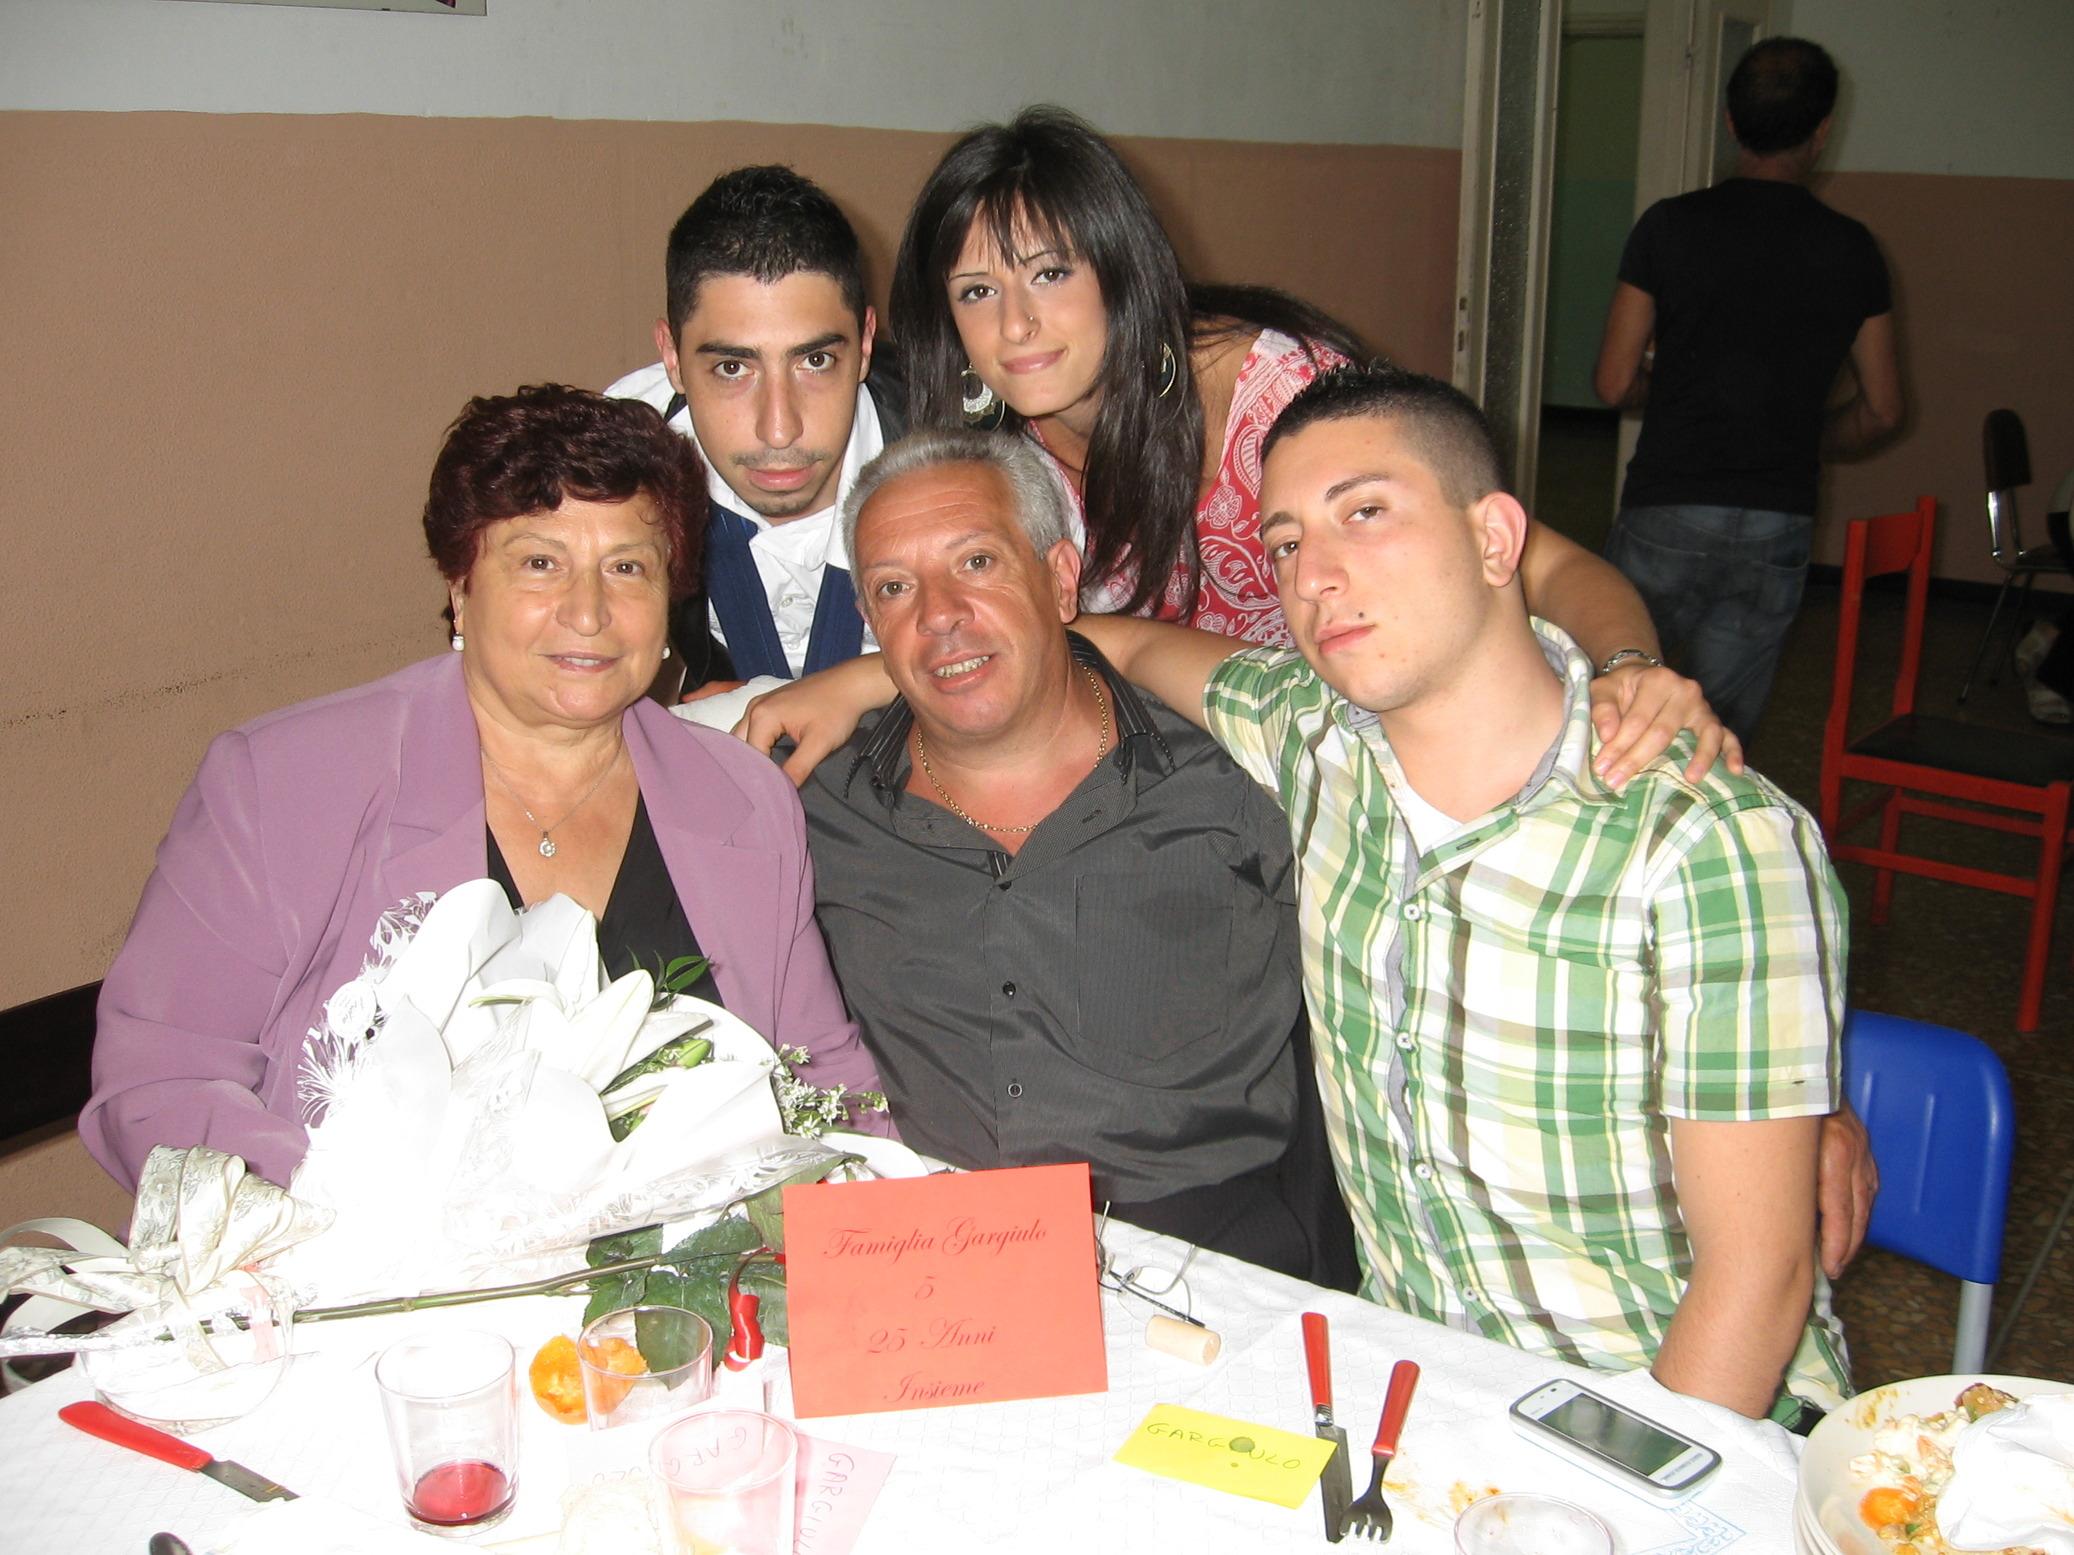 Anniversari_Matrimonio_2010-06-13--14.05.25